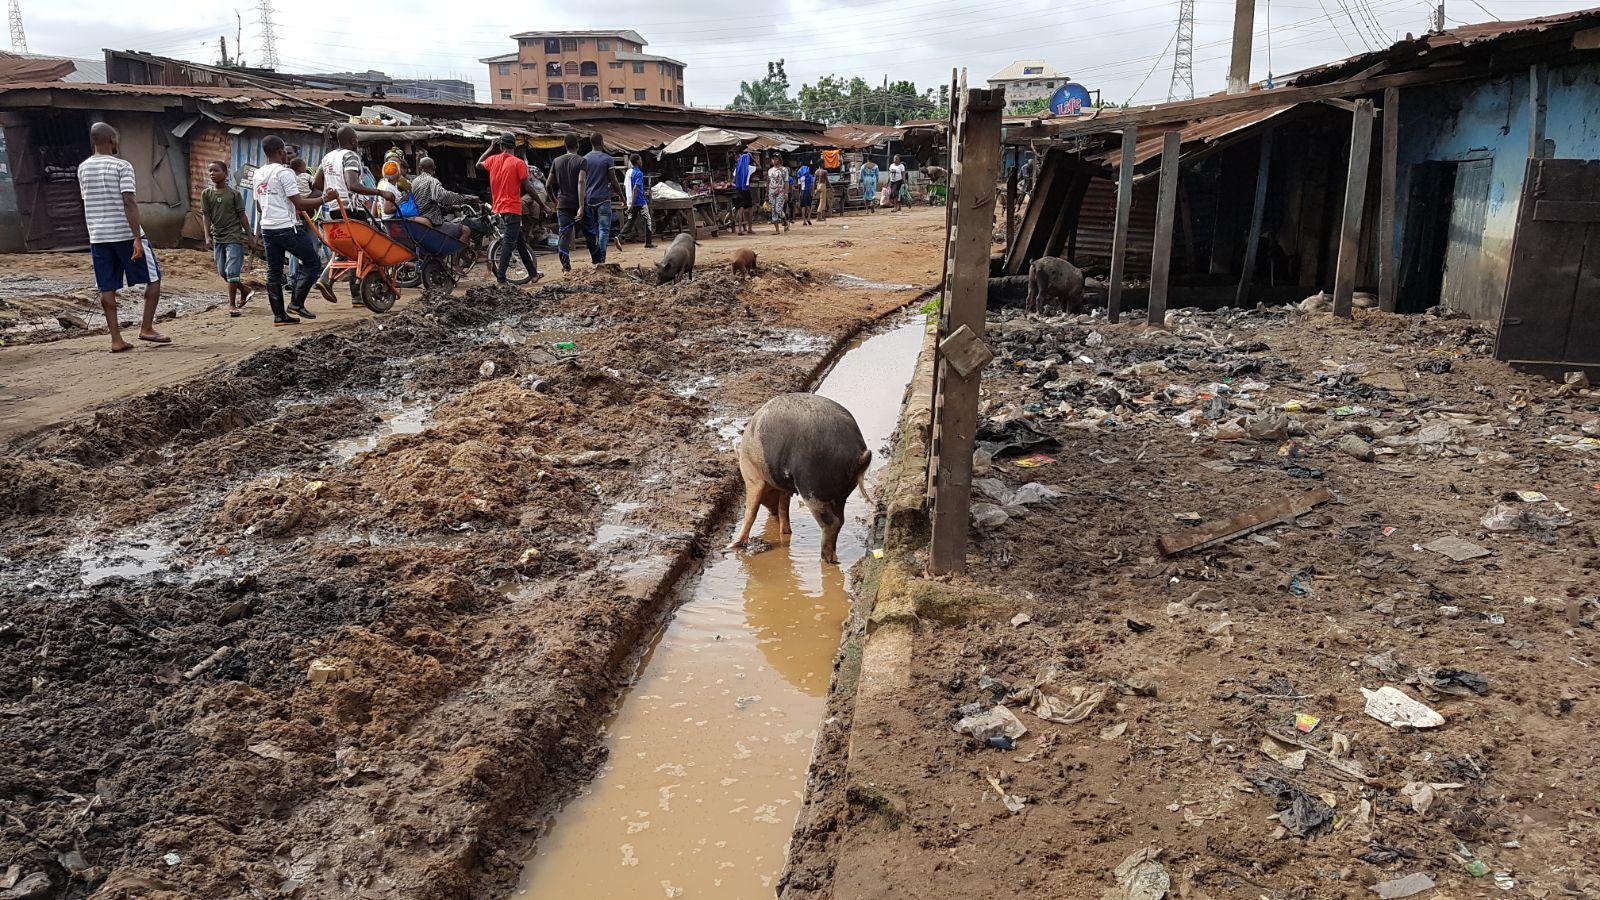 Buscando beleza no cotidiano de Onitsha, Nigéria